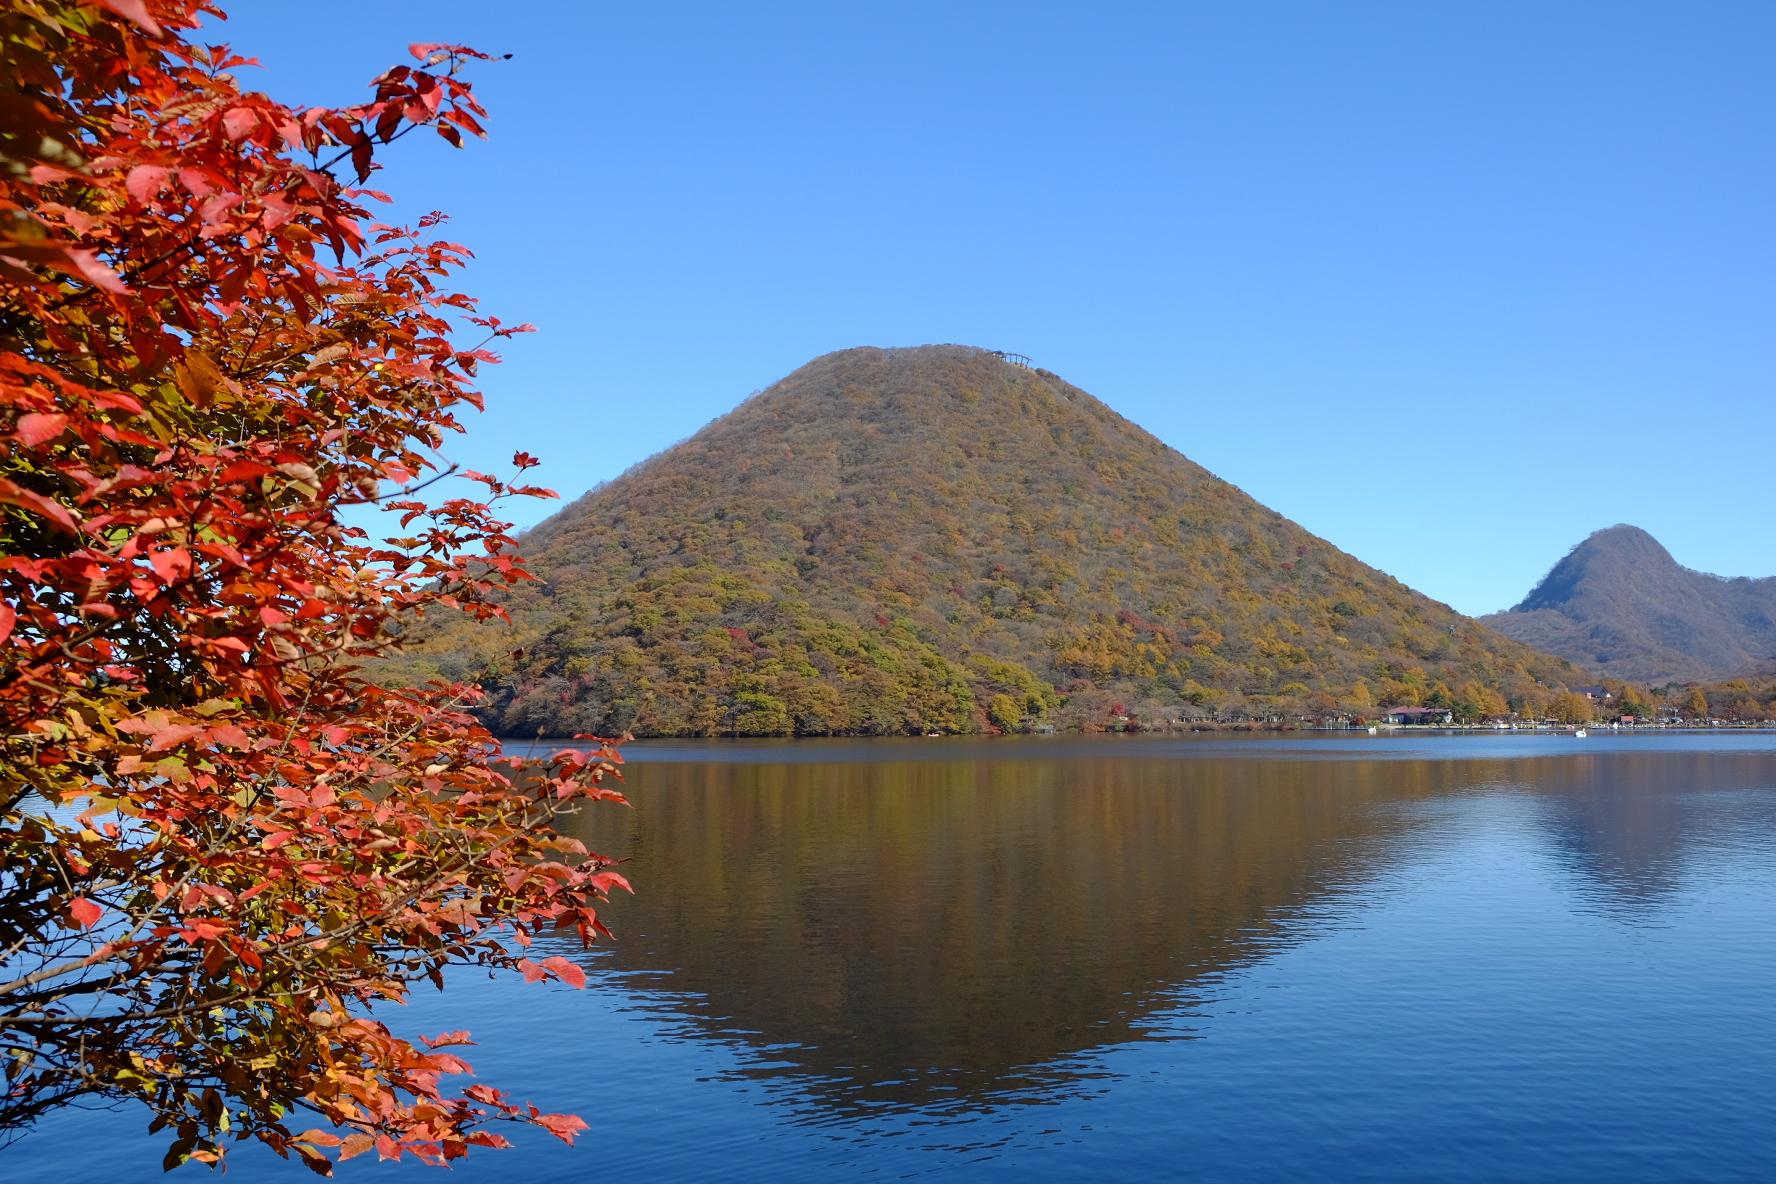 榛名湖に榛名山が映り込んだ「逆さ榛名山」